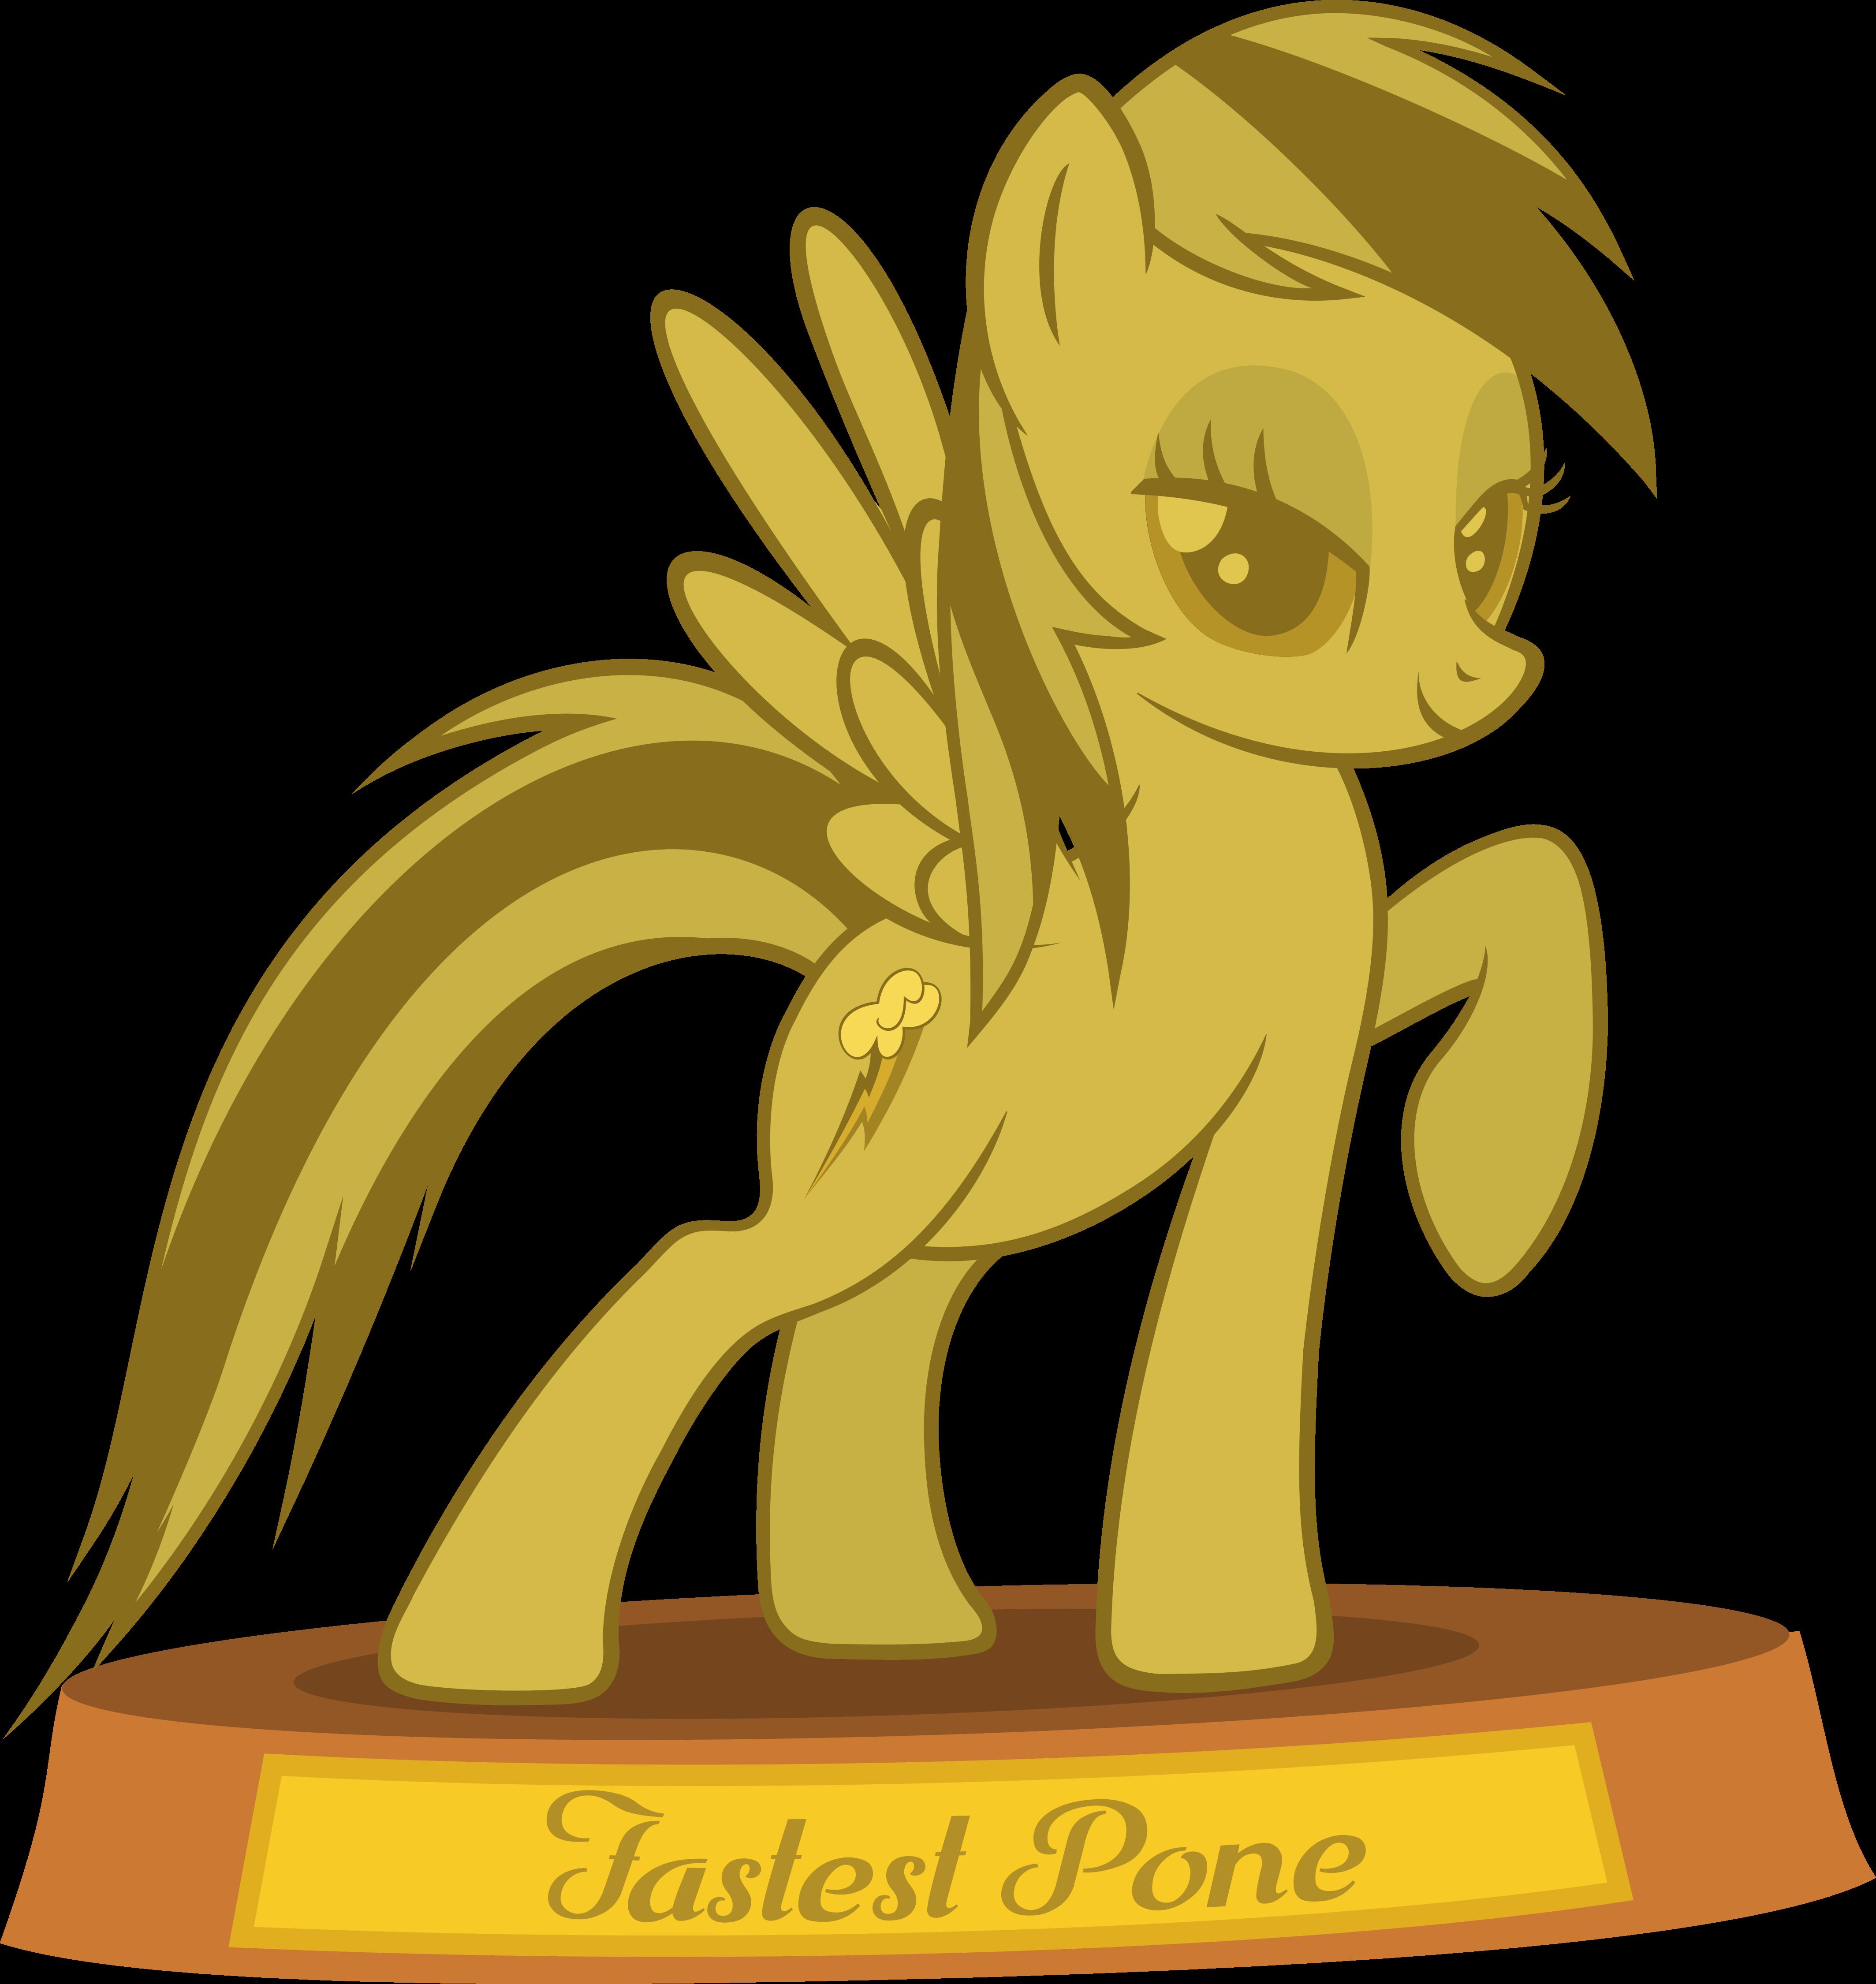 Fastest Pone by SLB94